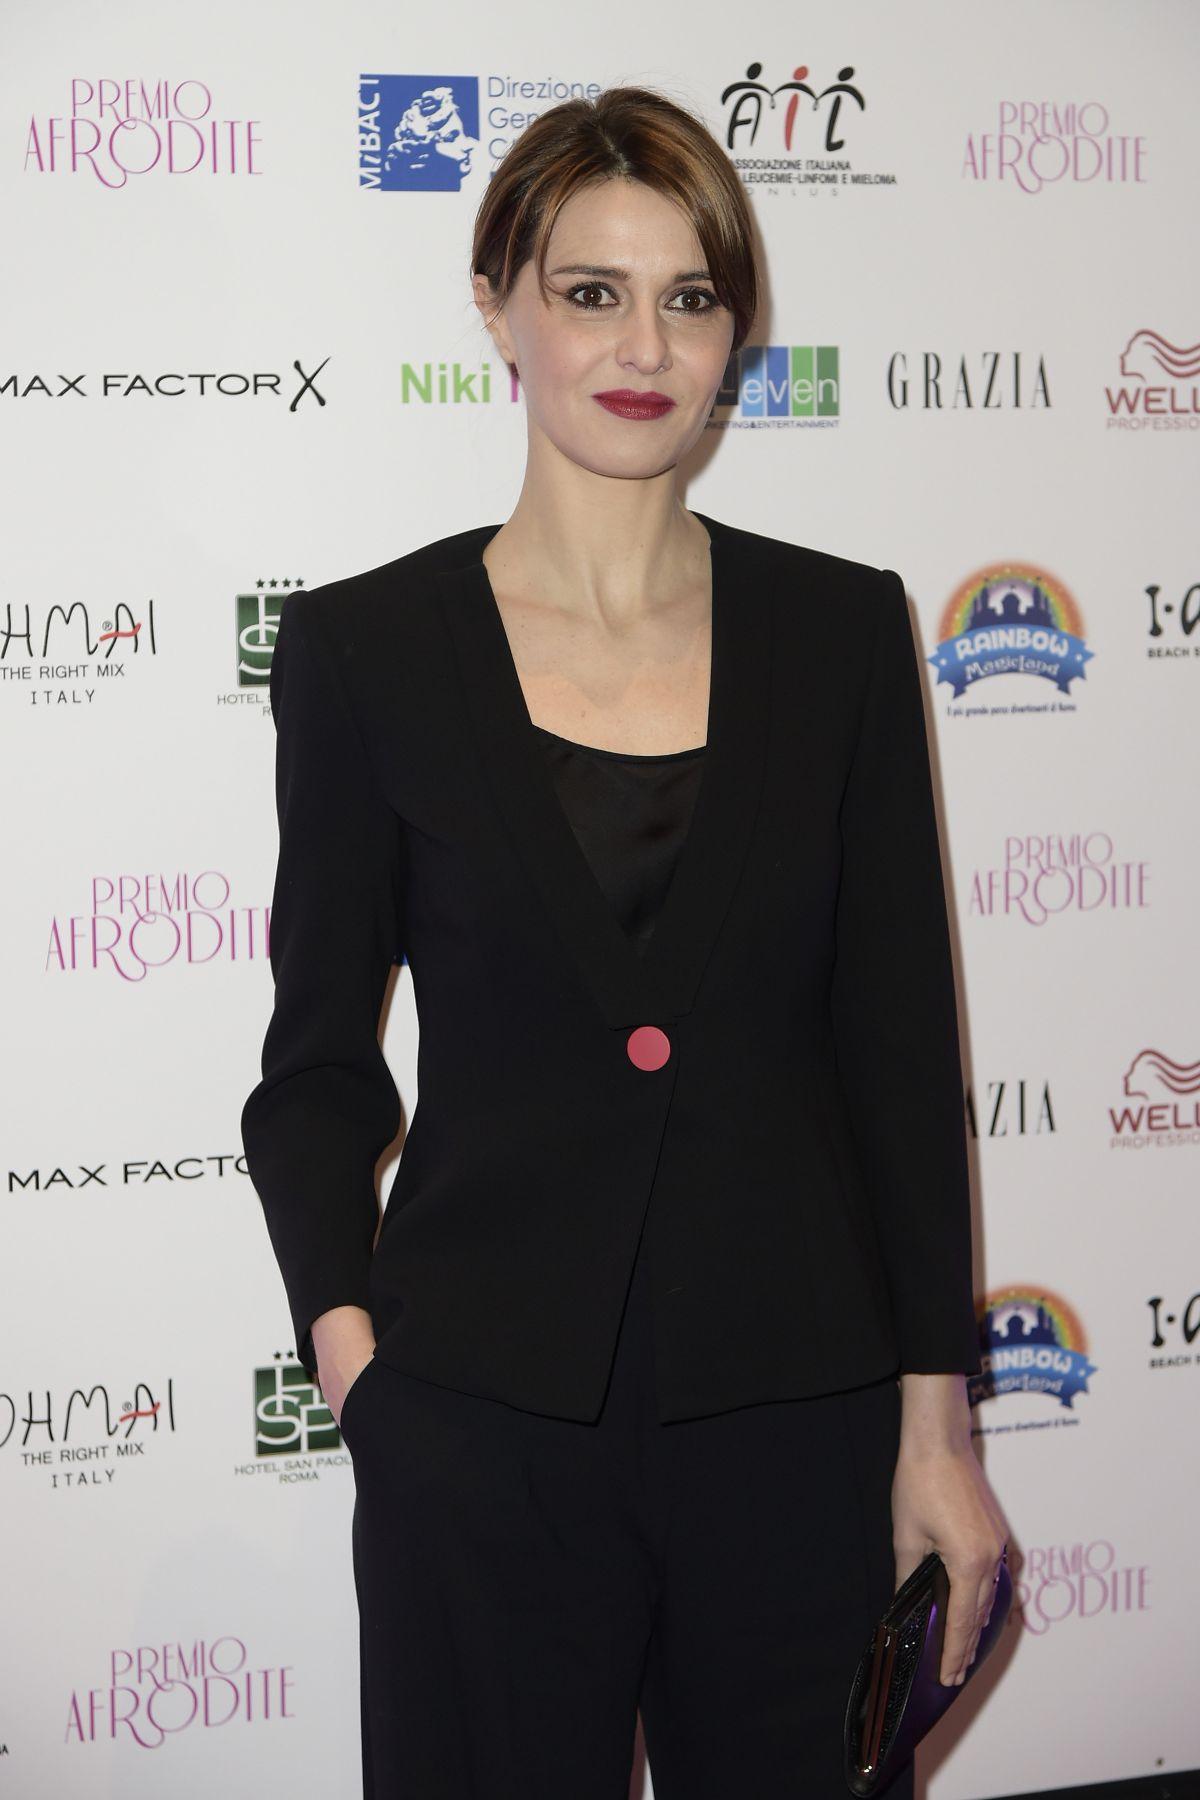 PAOLA CORTELLESI at Premio Afrodite in Rome 01/13/2016